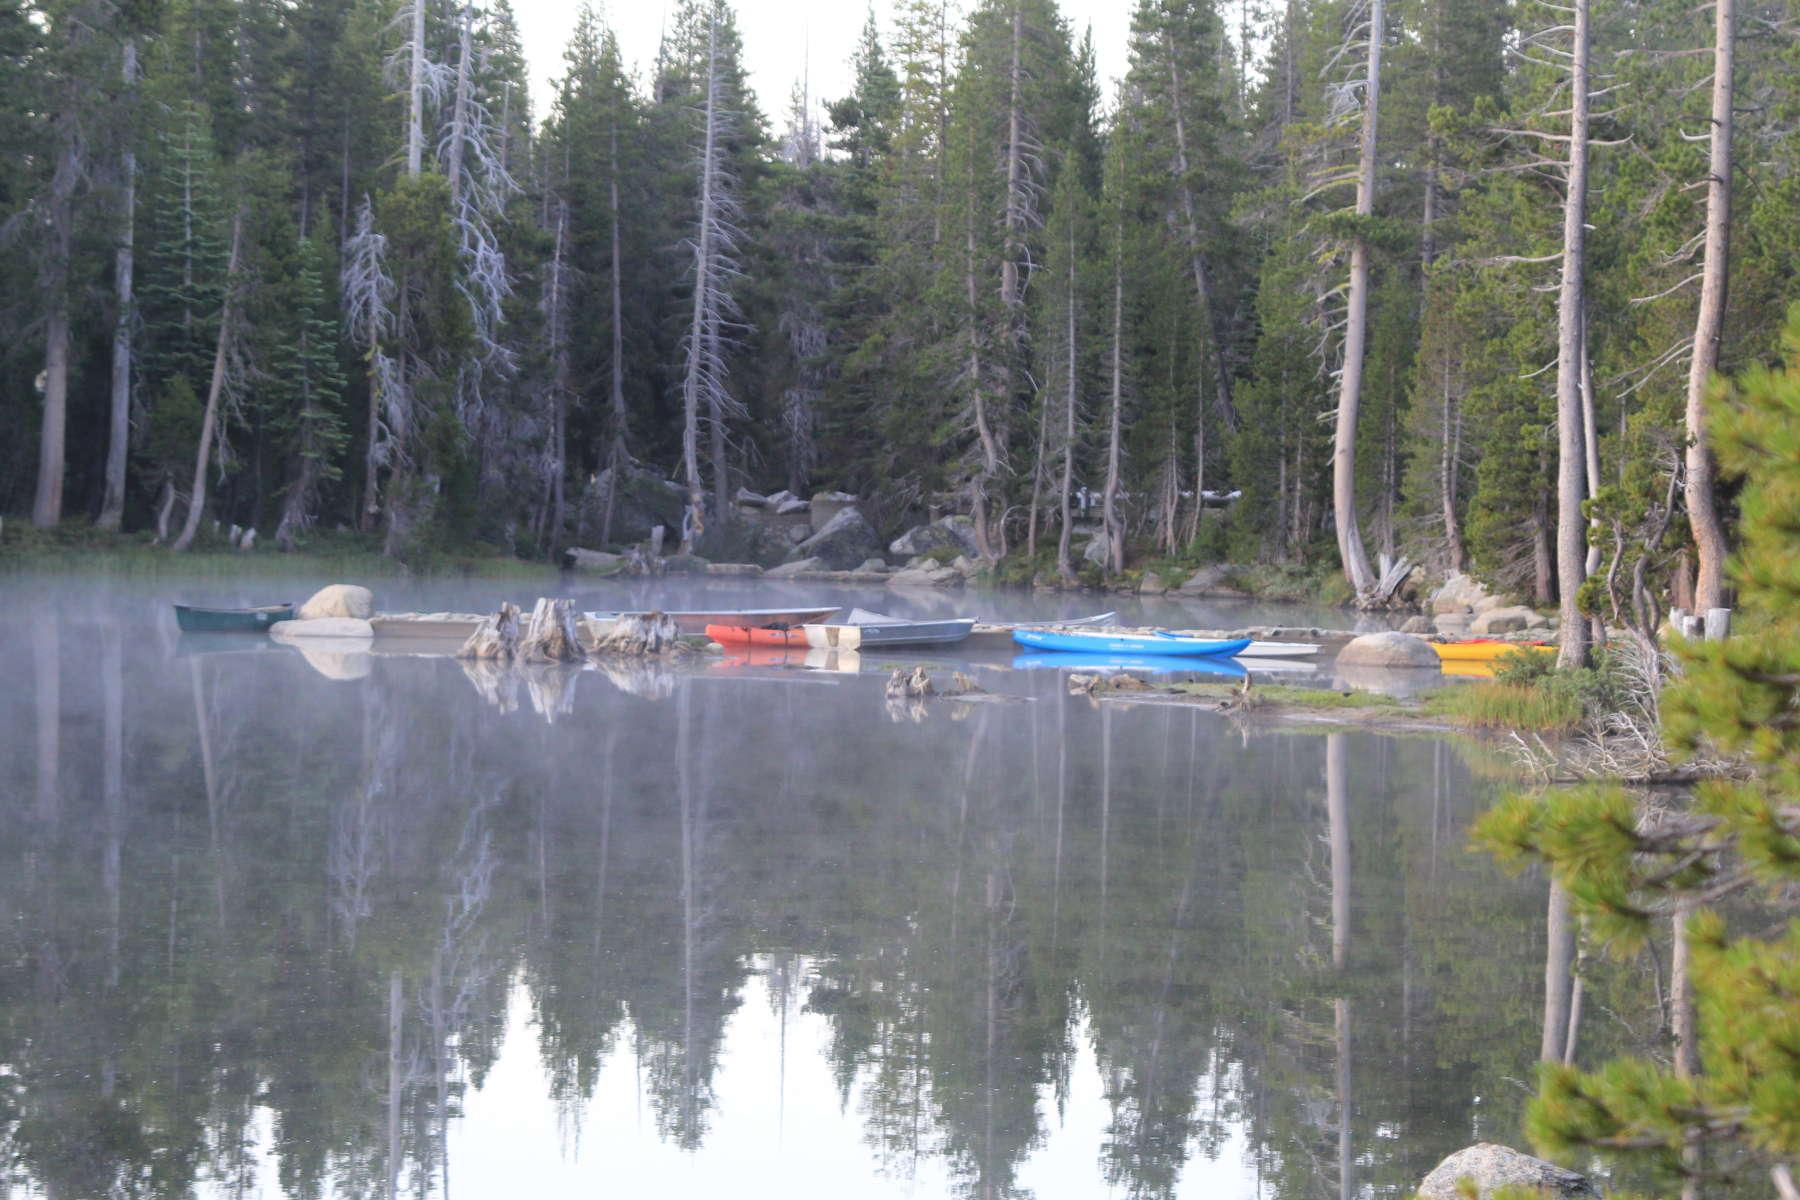 California Rv Show >> Wrights Lake Campground, Eldorado, CA: 2 Hipcamper reviews and 6 photos